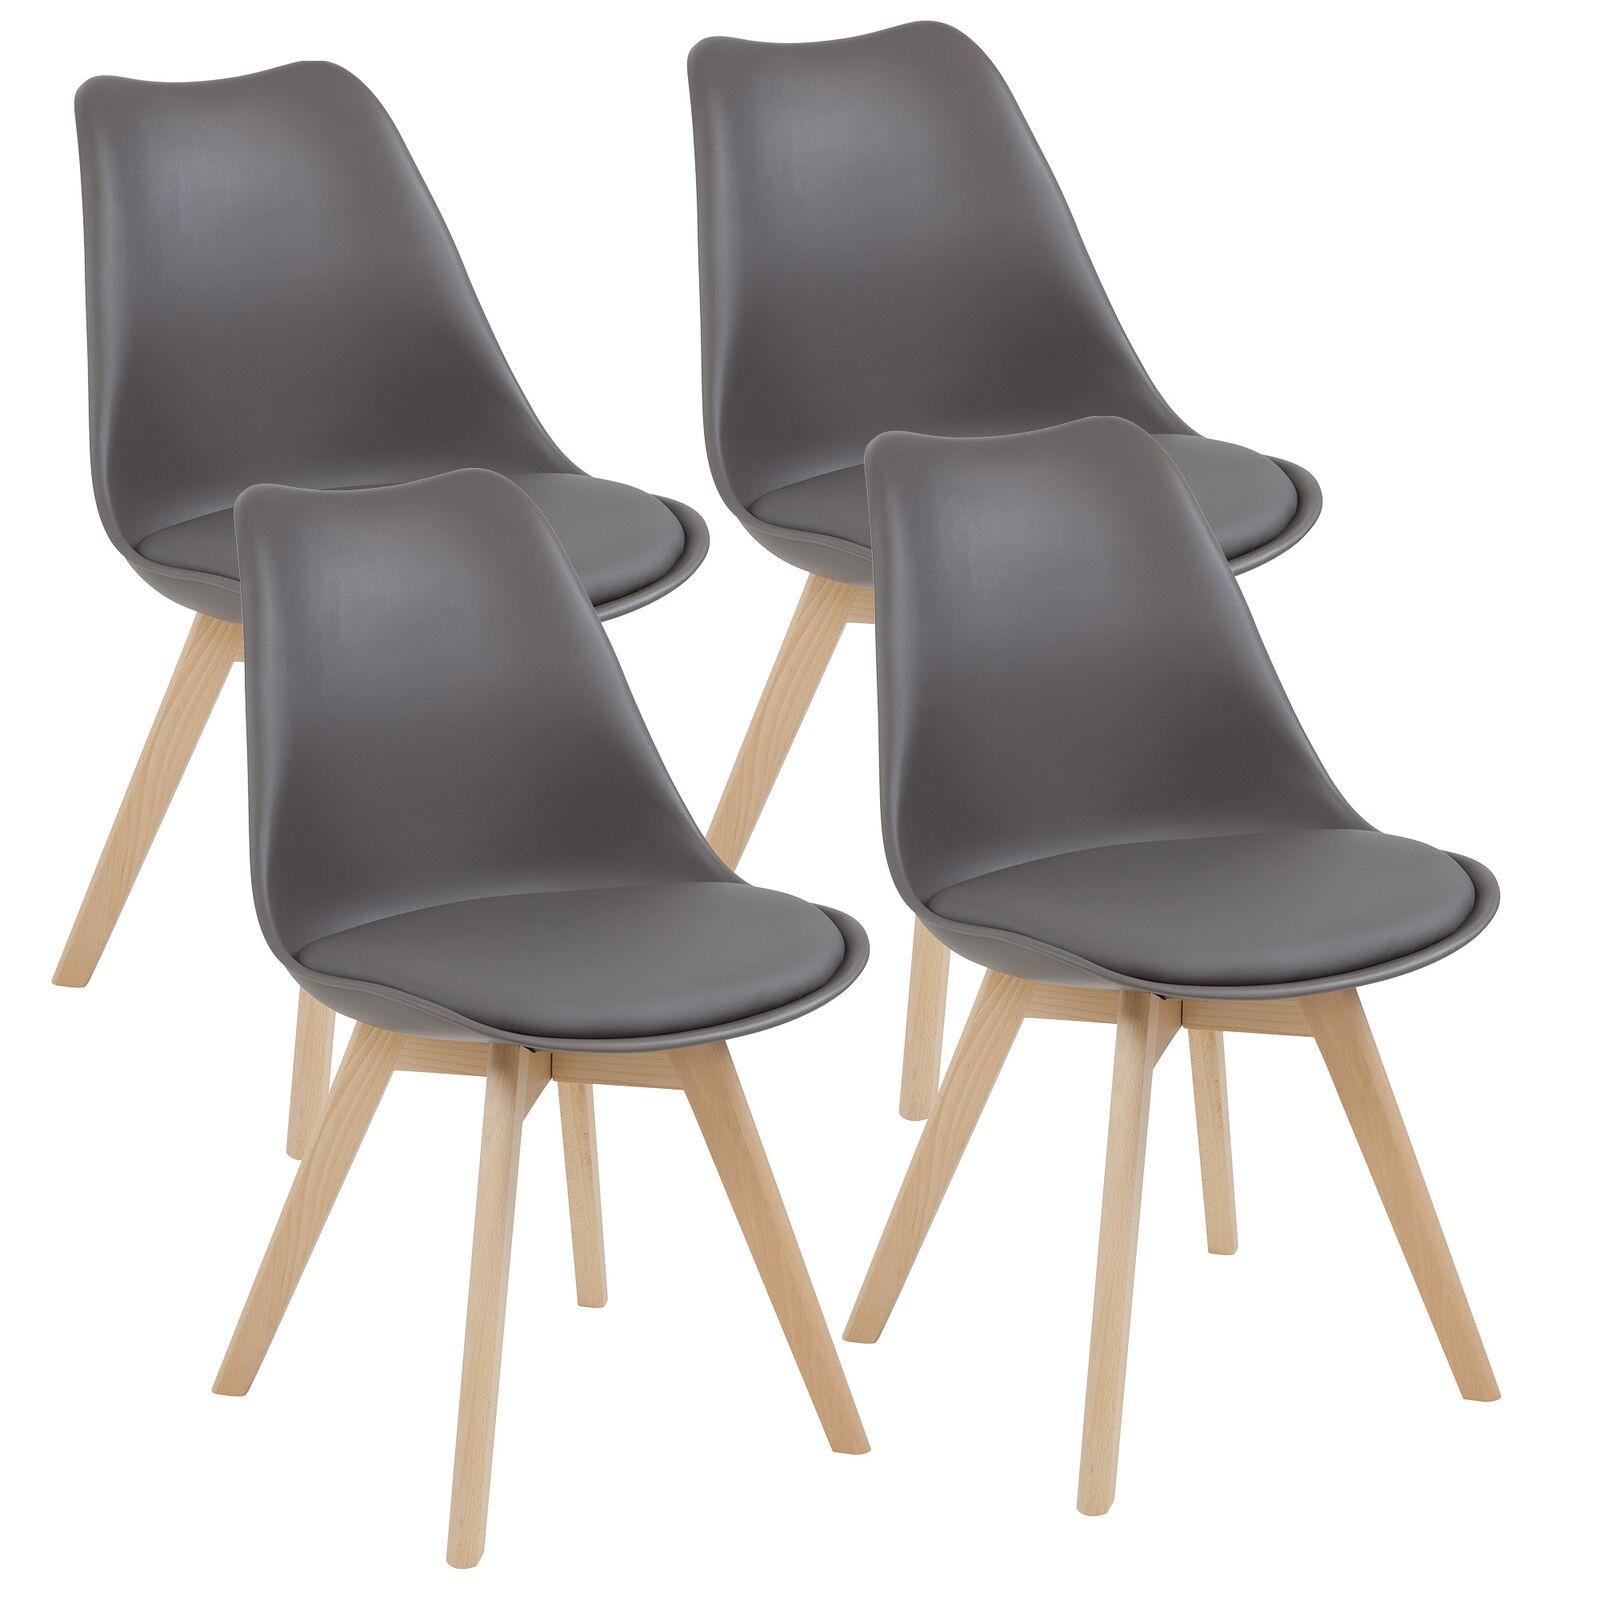 Esszimmerstühle AARHUS, 4er Set, Grau mit Beinen aus Massiv-Holz, Buche